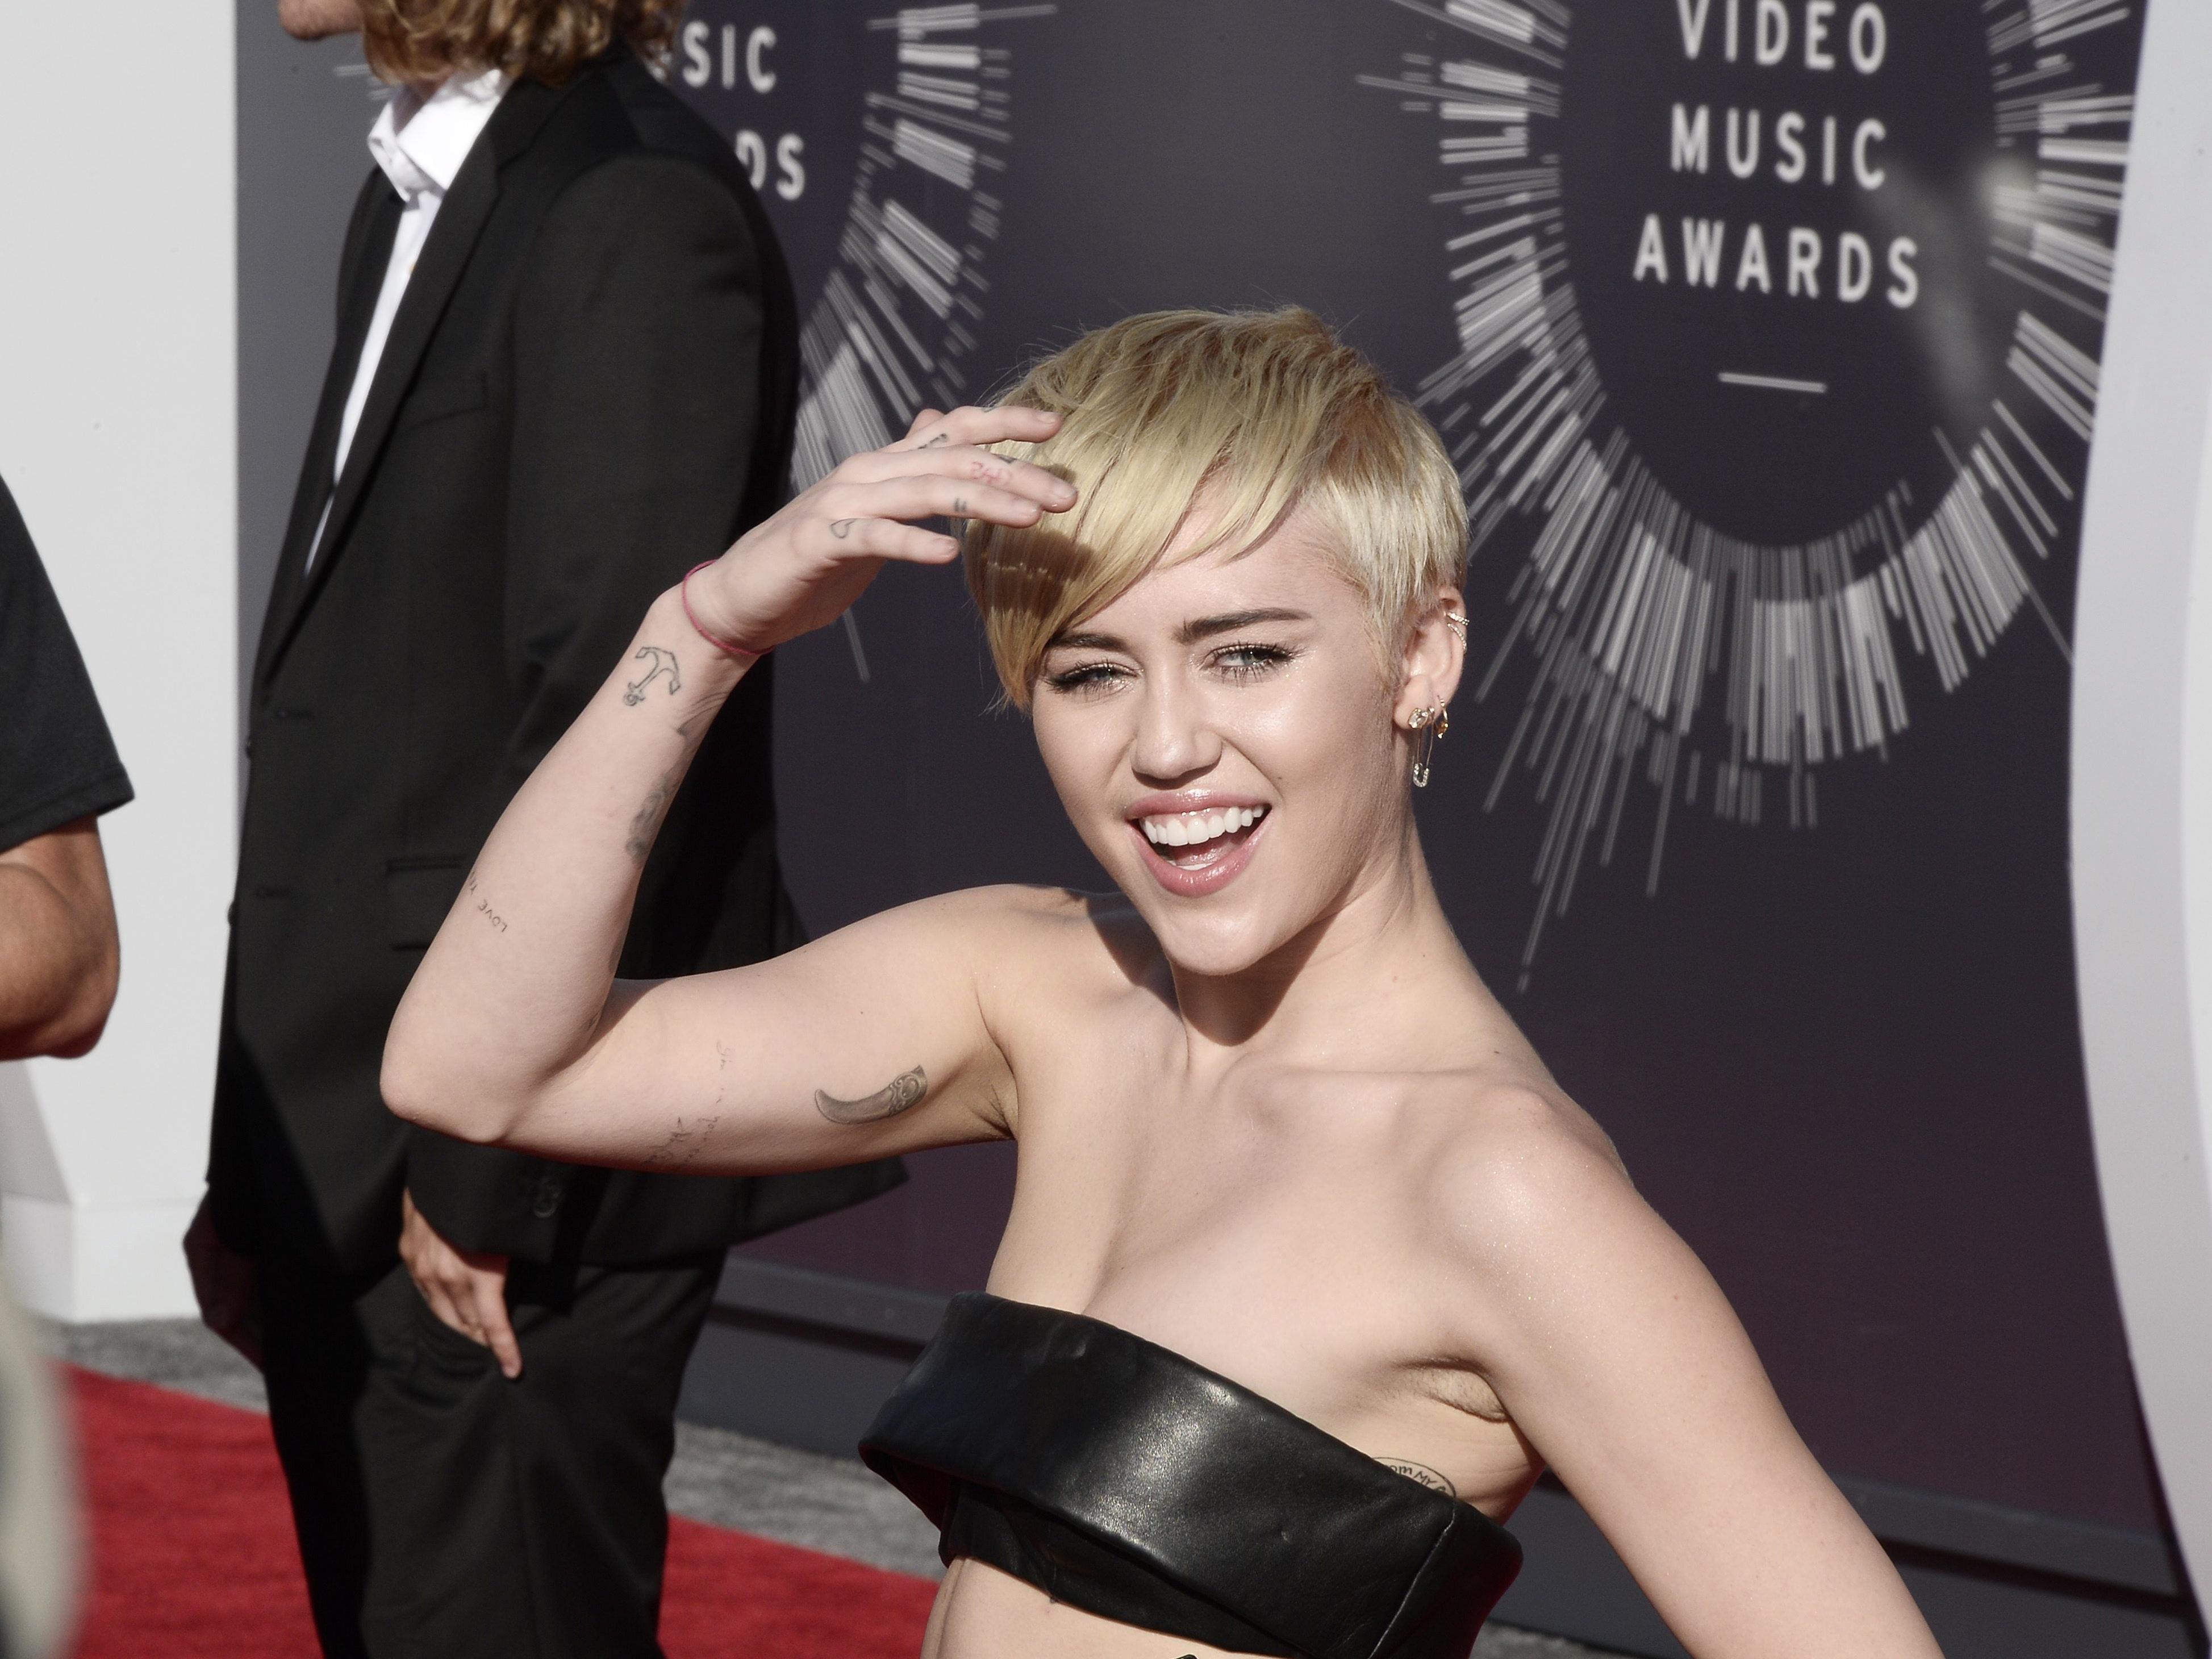 Miley Cyrus kurz vor der Auszeichnung.